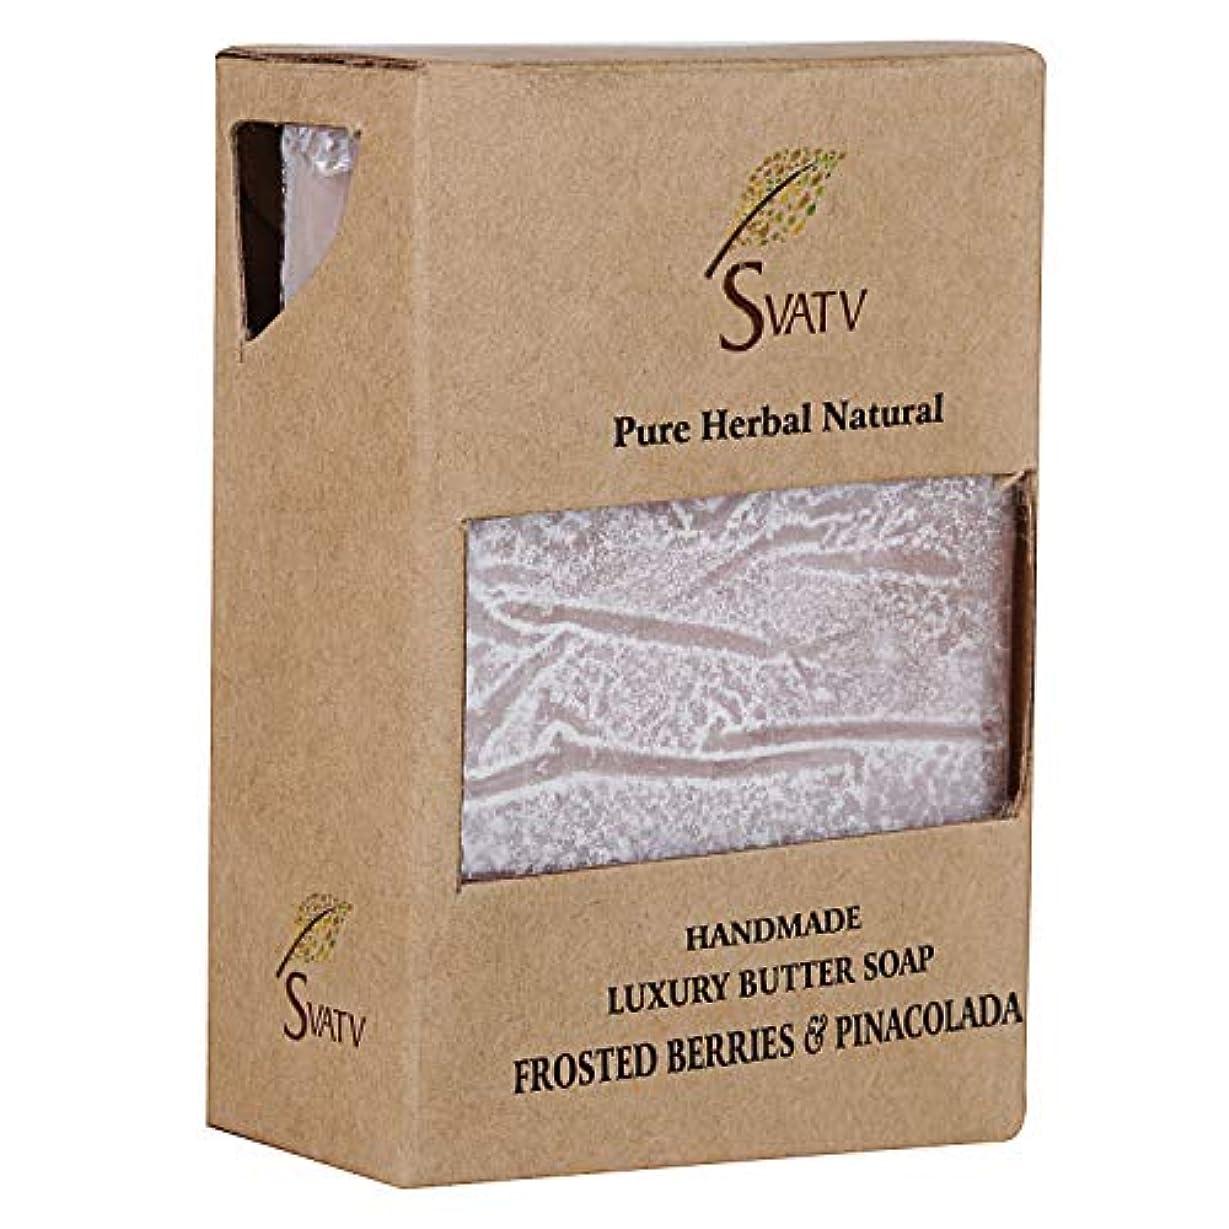 夜歴史類人猿SVATV Handmade Luxury Butter Soap Frosted Berries & Pinacolada For All Skin types 100g Bar